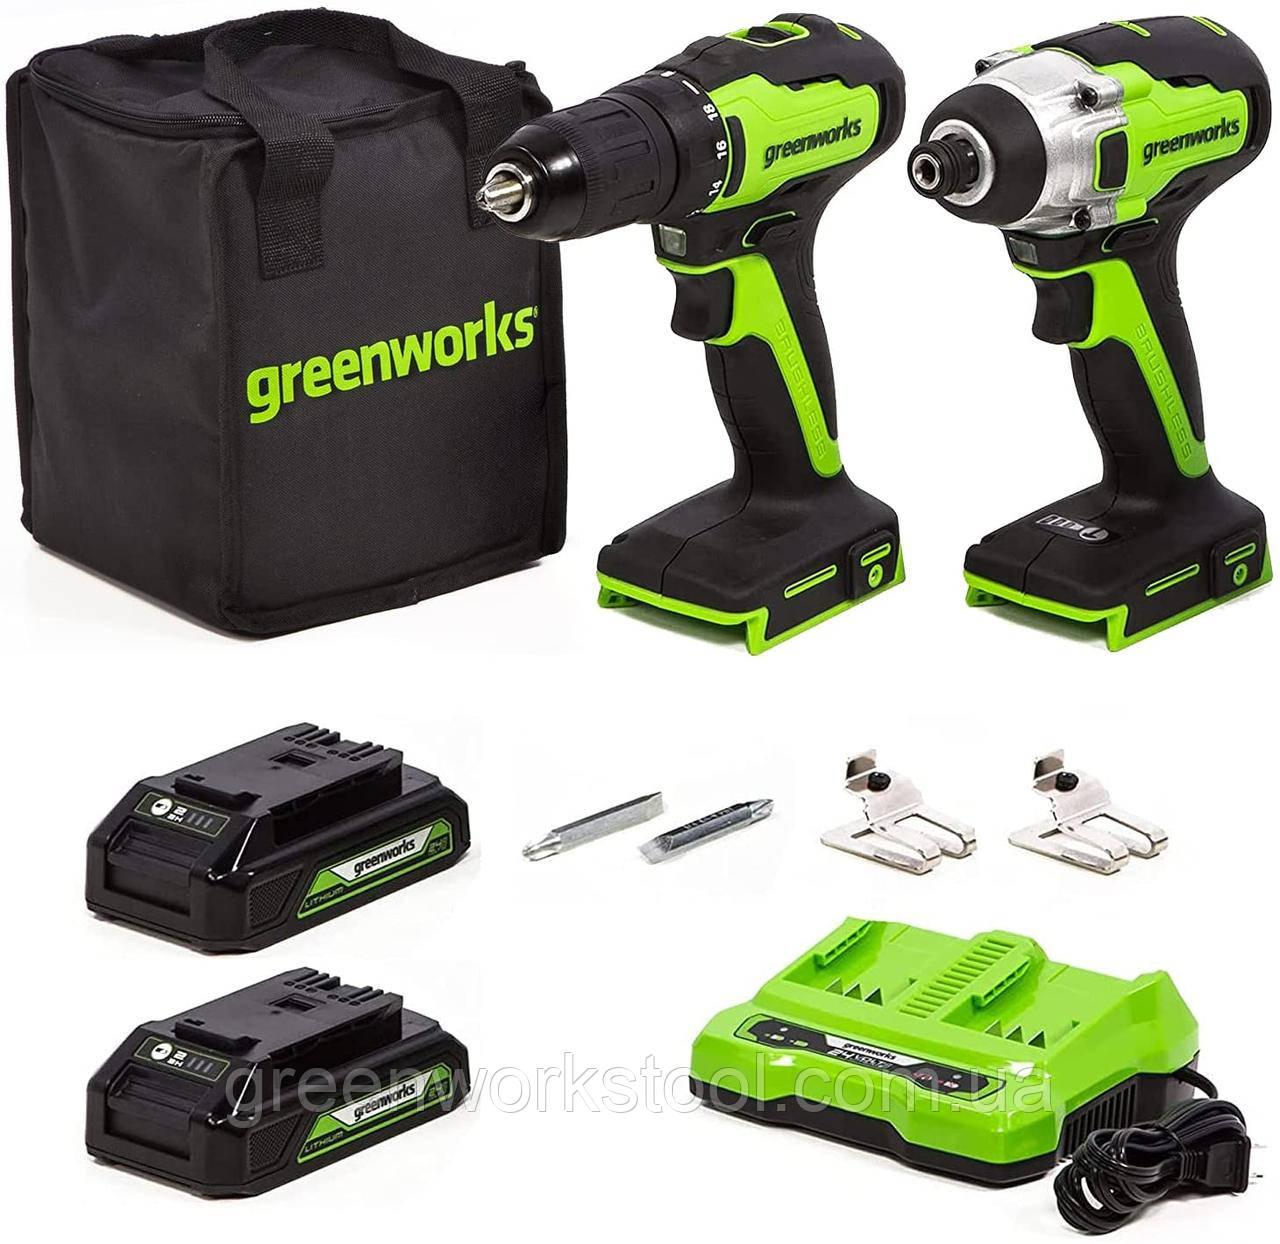 Комплект безщіткових інструментів Greenworks 24 V дриль-шуруповерт і ударний гвинтоверт з АКБ 2х2 Ач і ЗУ